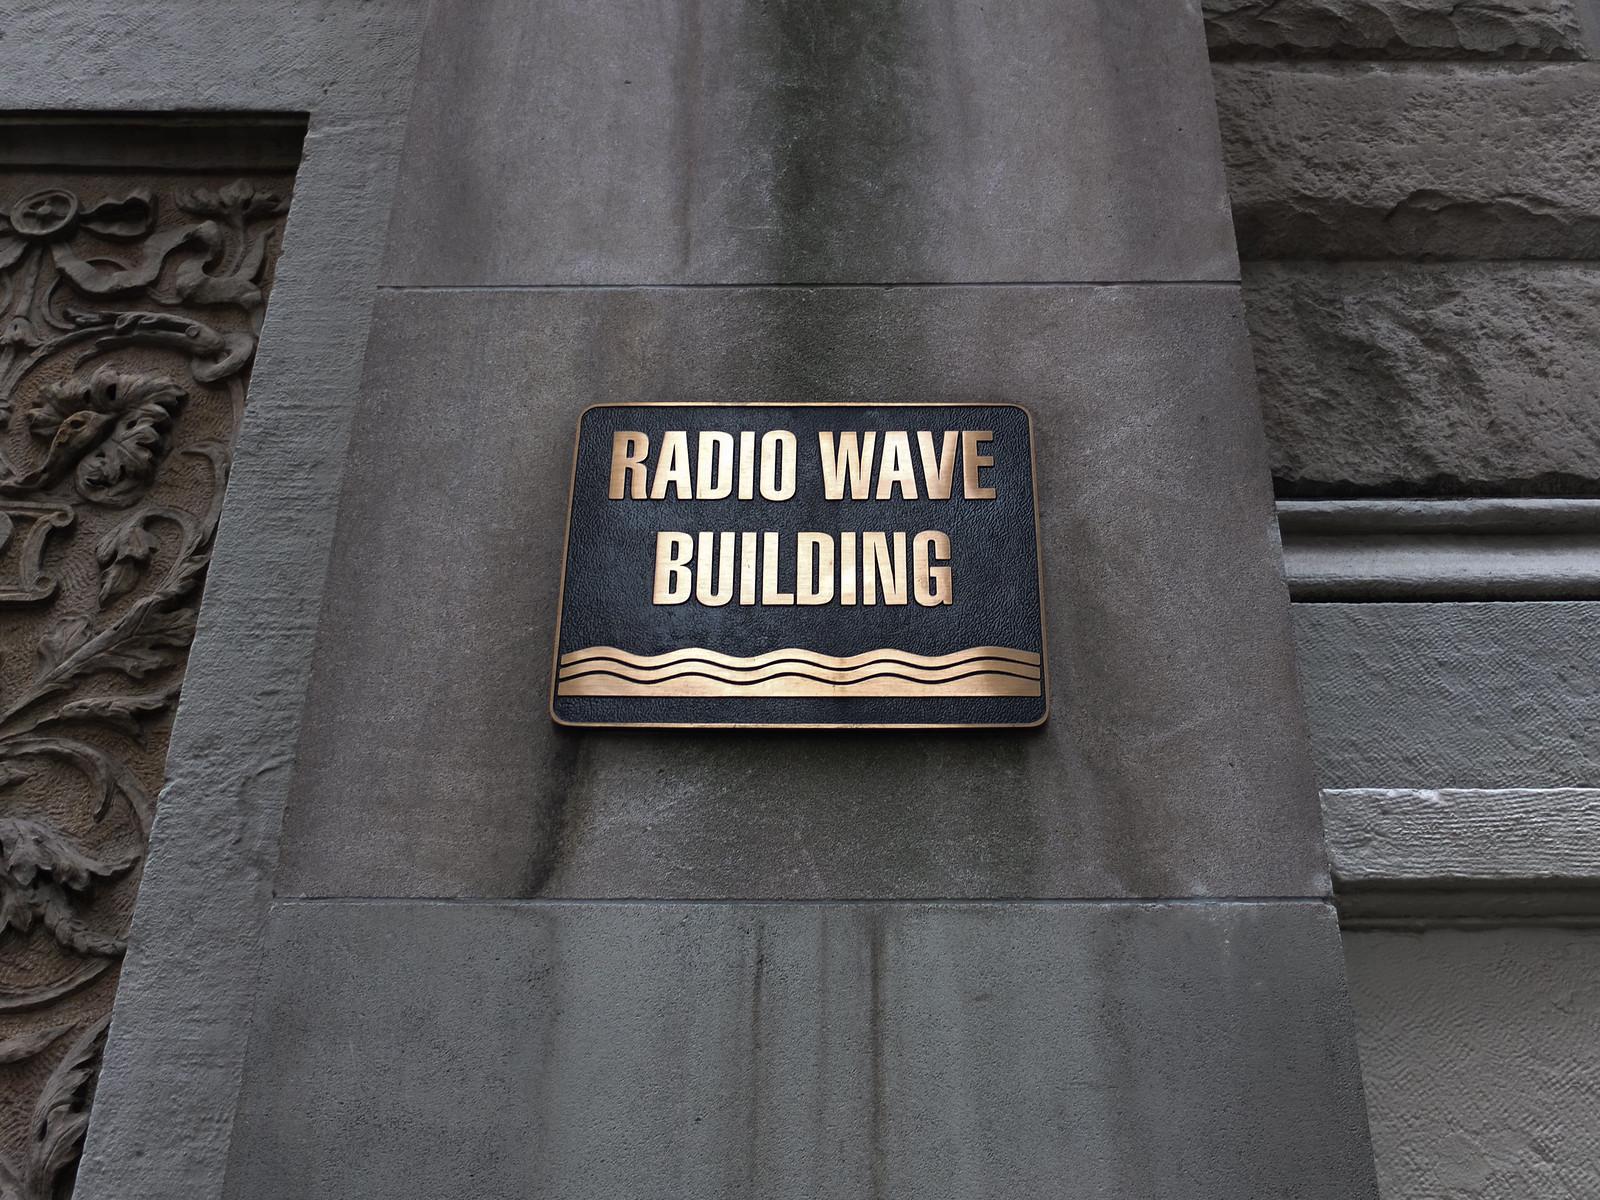 Radio Wave Building by wwward0